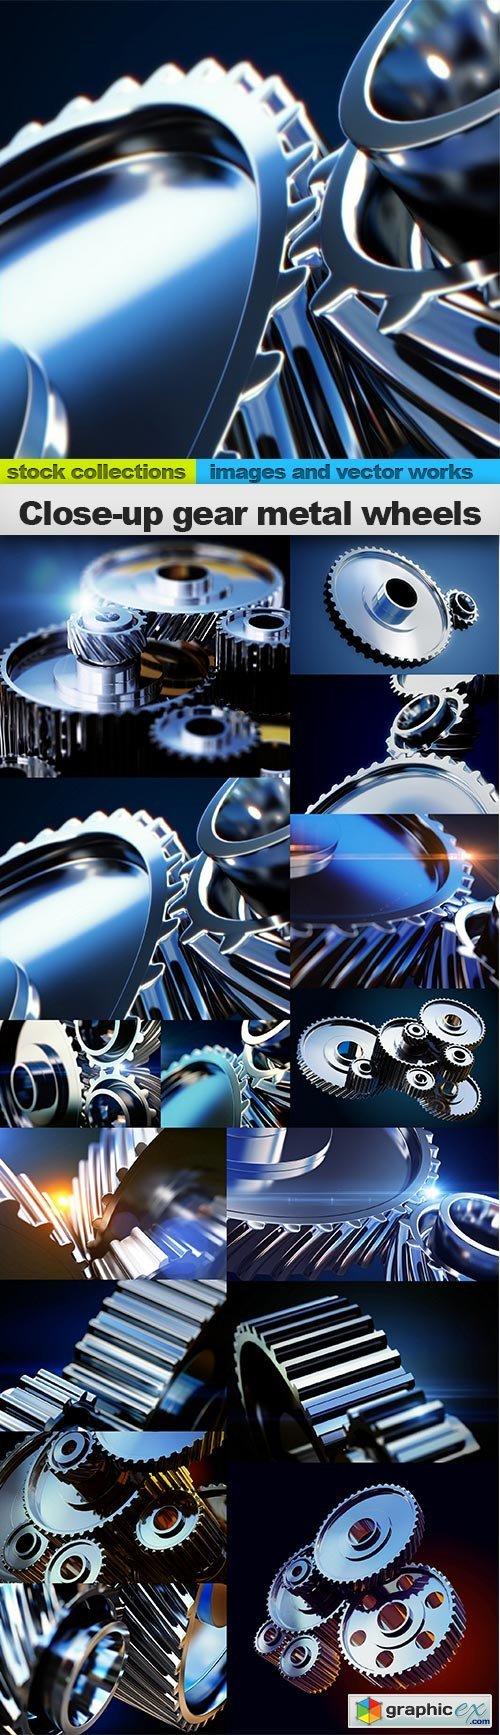 �lose-up gear metal wheels, 15 x UHQ JPEG